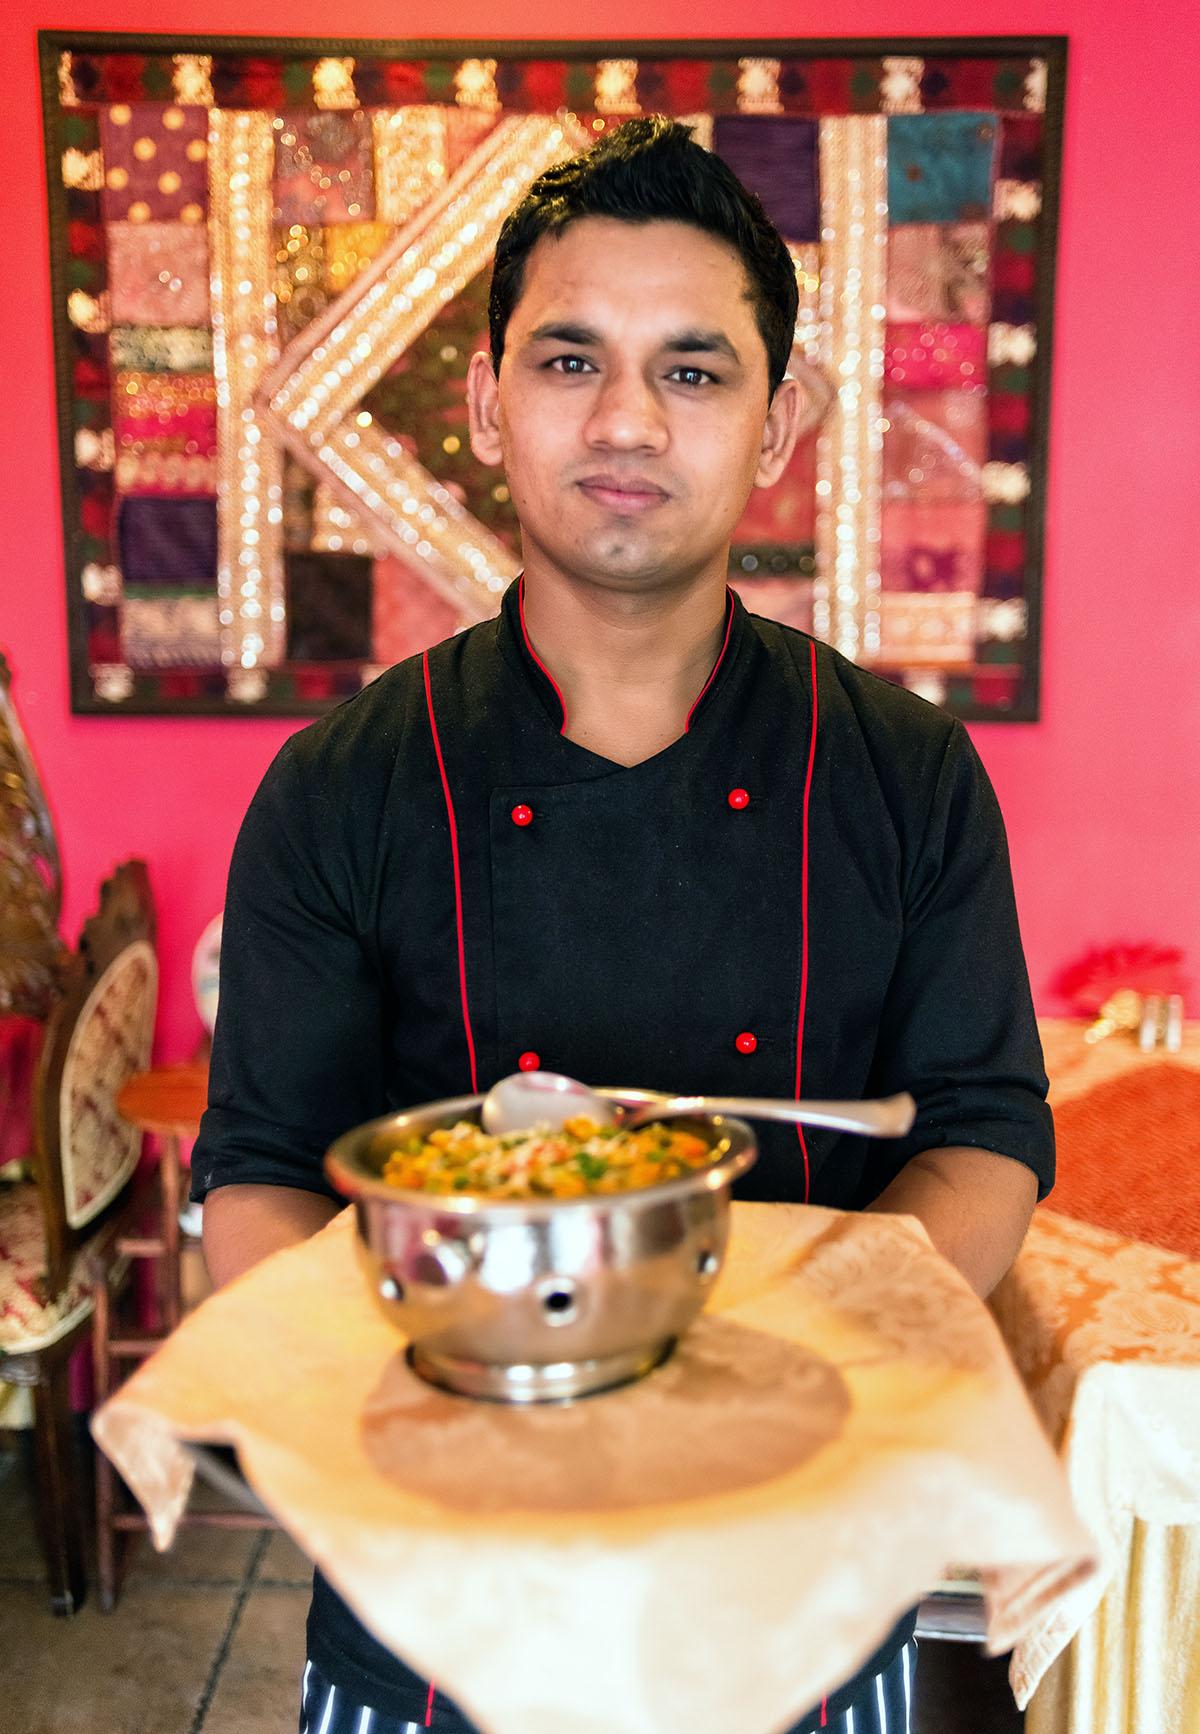 Готовить еду Ананд научился в городке по соседству с Непалом.